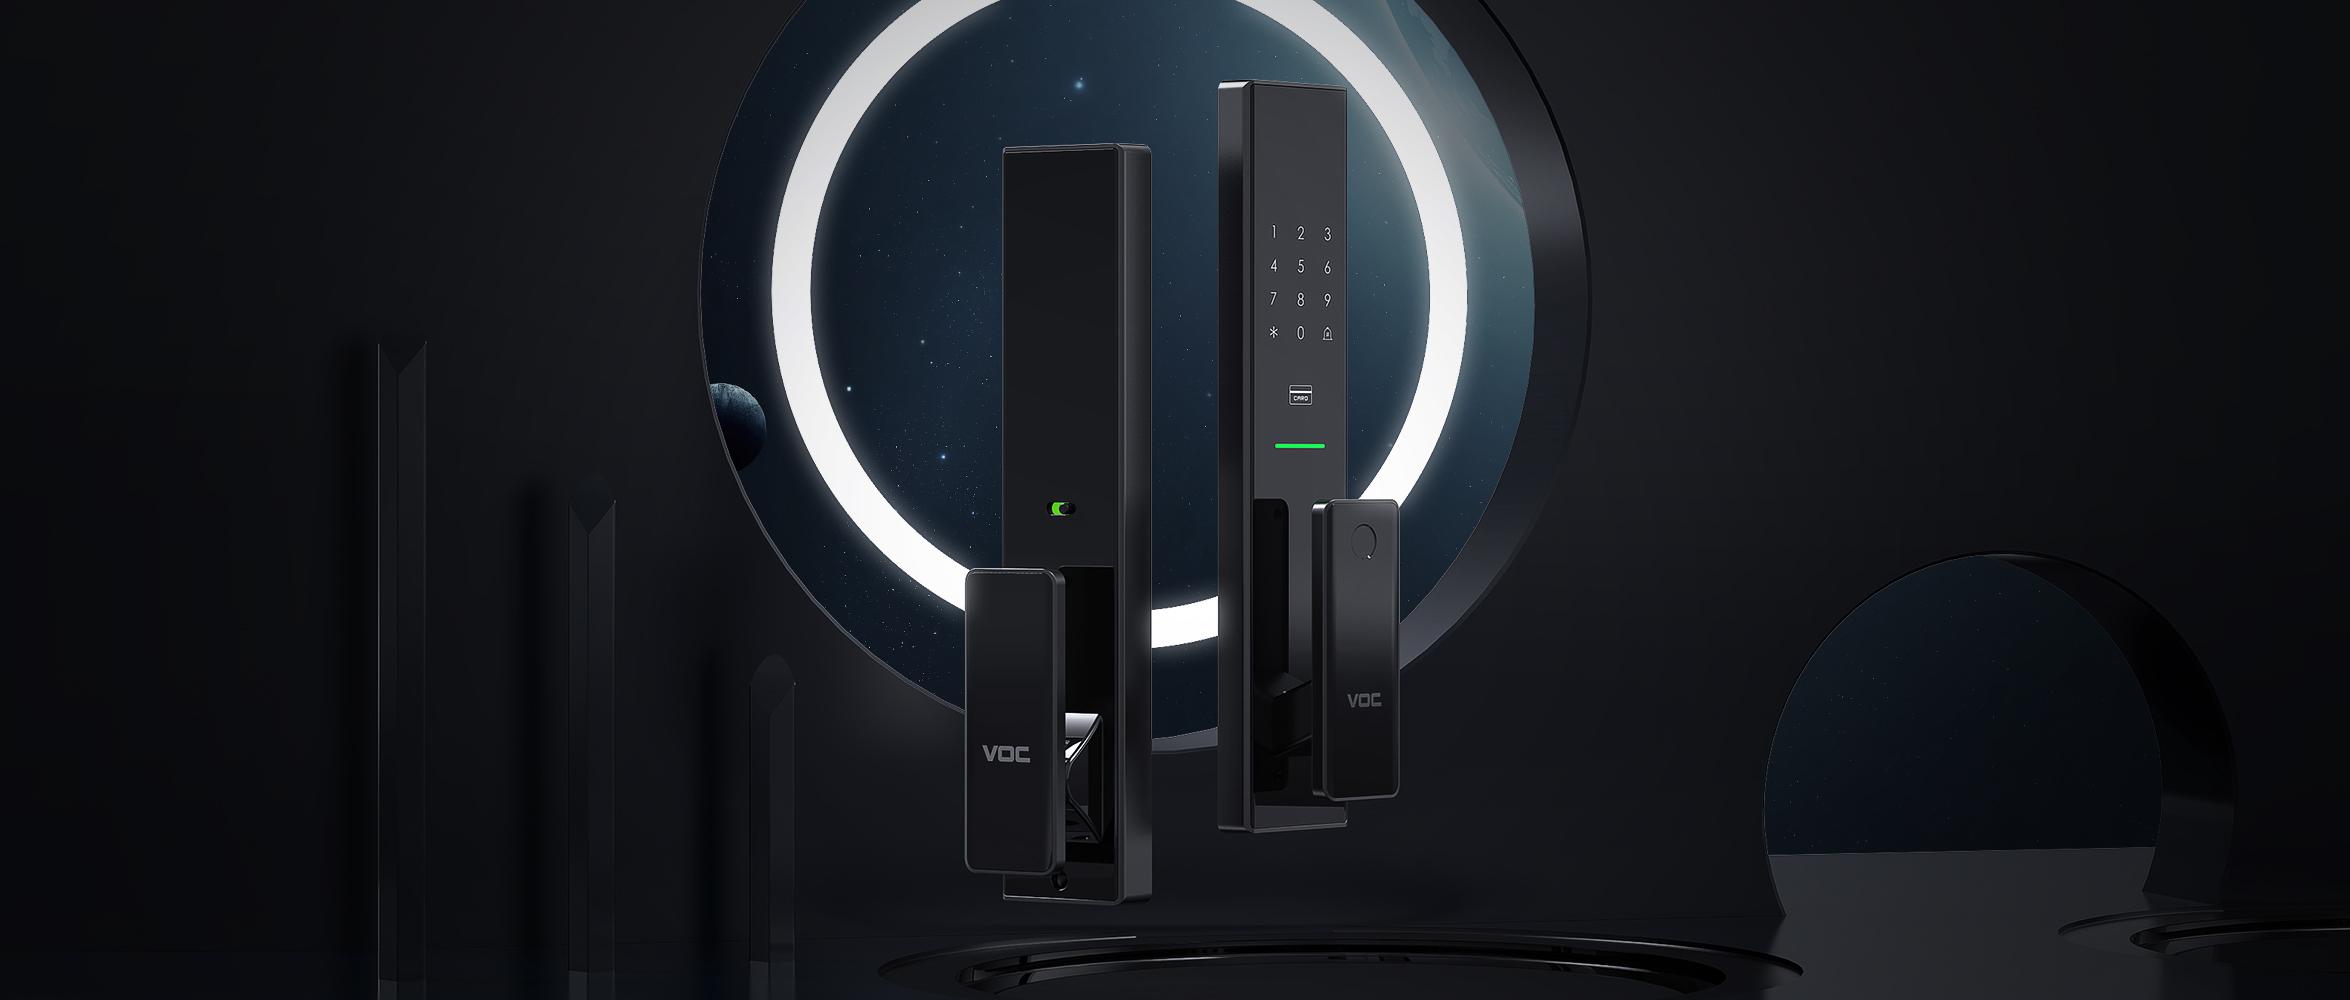 年度新品 重磅上市 | VOC全新T8黑科技,让家秒变大片现场,开启智能新生活